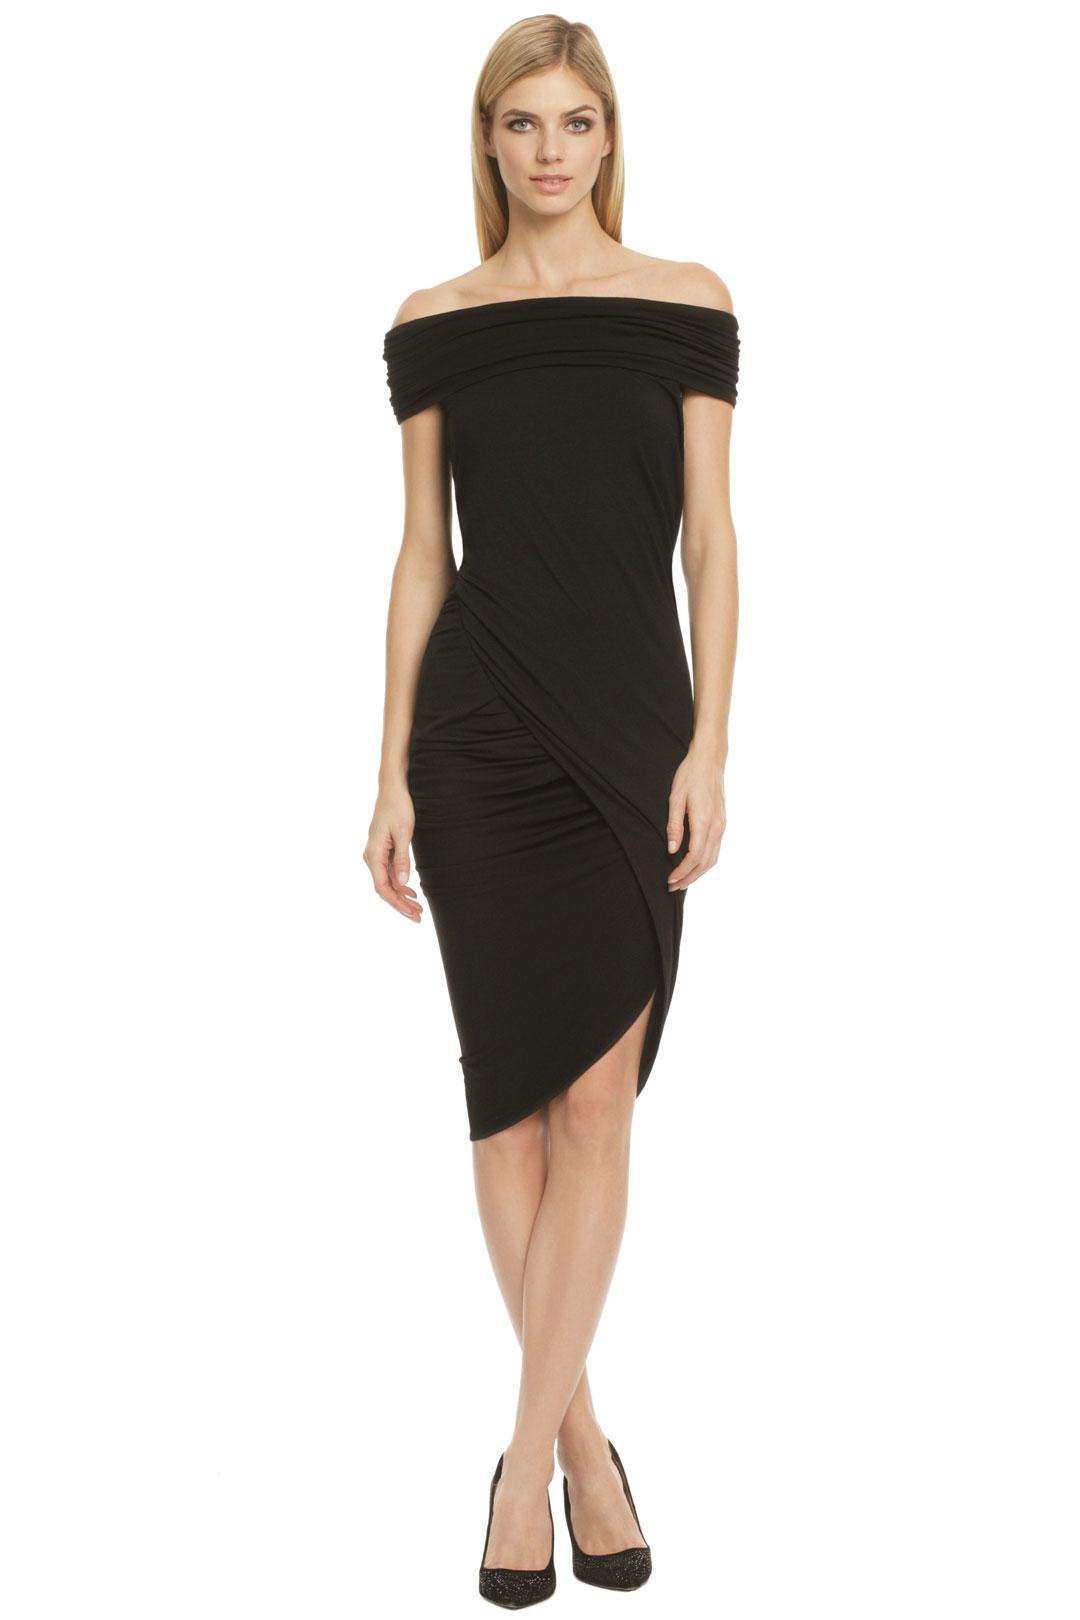 something-flirty-choose-Donna-Karan-Piano-Key-dress Платье трансформер: варианты вечерних платьев. Как сшить платье со съемной юбкой своими руками?